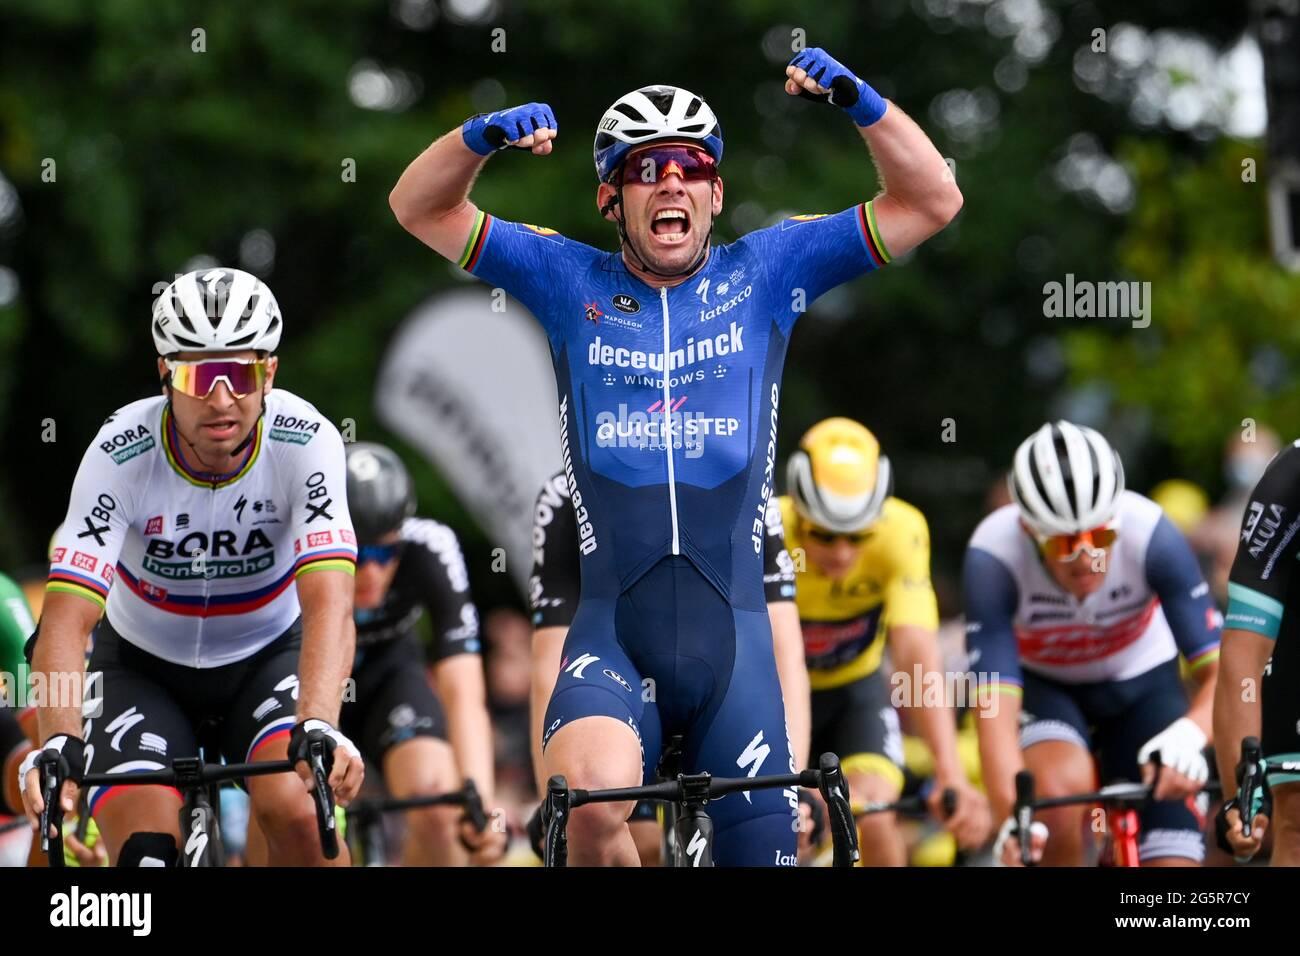 Frankreich, Fougeres, Redon, 29/06/2021, Tour de France 2021, Etappe 4, Redon nach Fougeres. Der britische Mark Cavendish für Deceuninck Quickstep gewinnt die Etappe im Sprint. Stockfoto